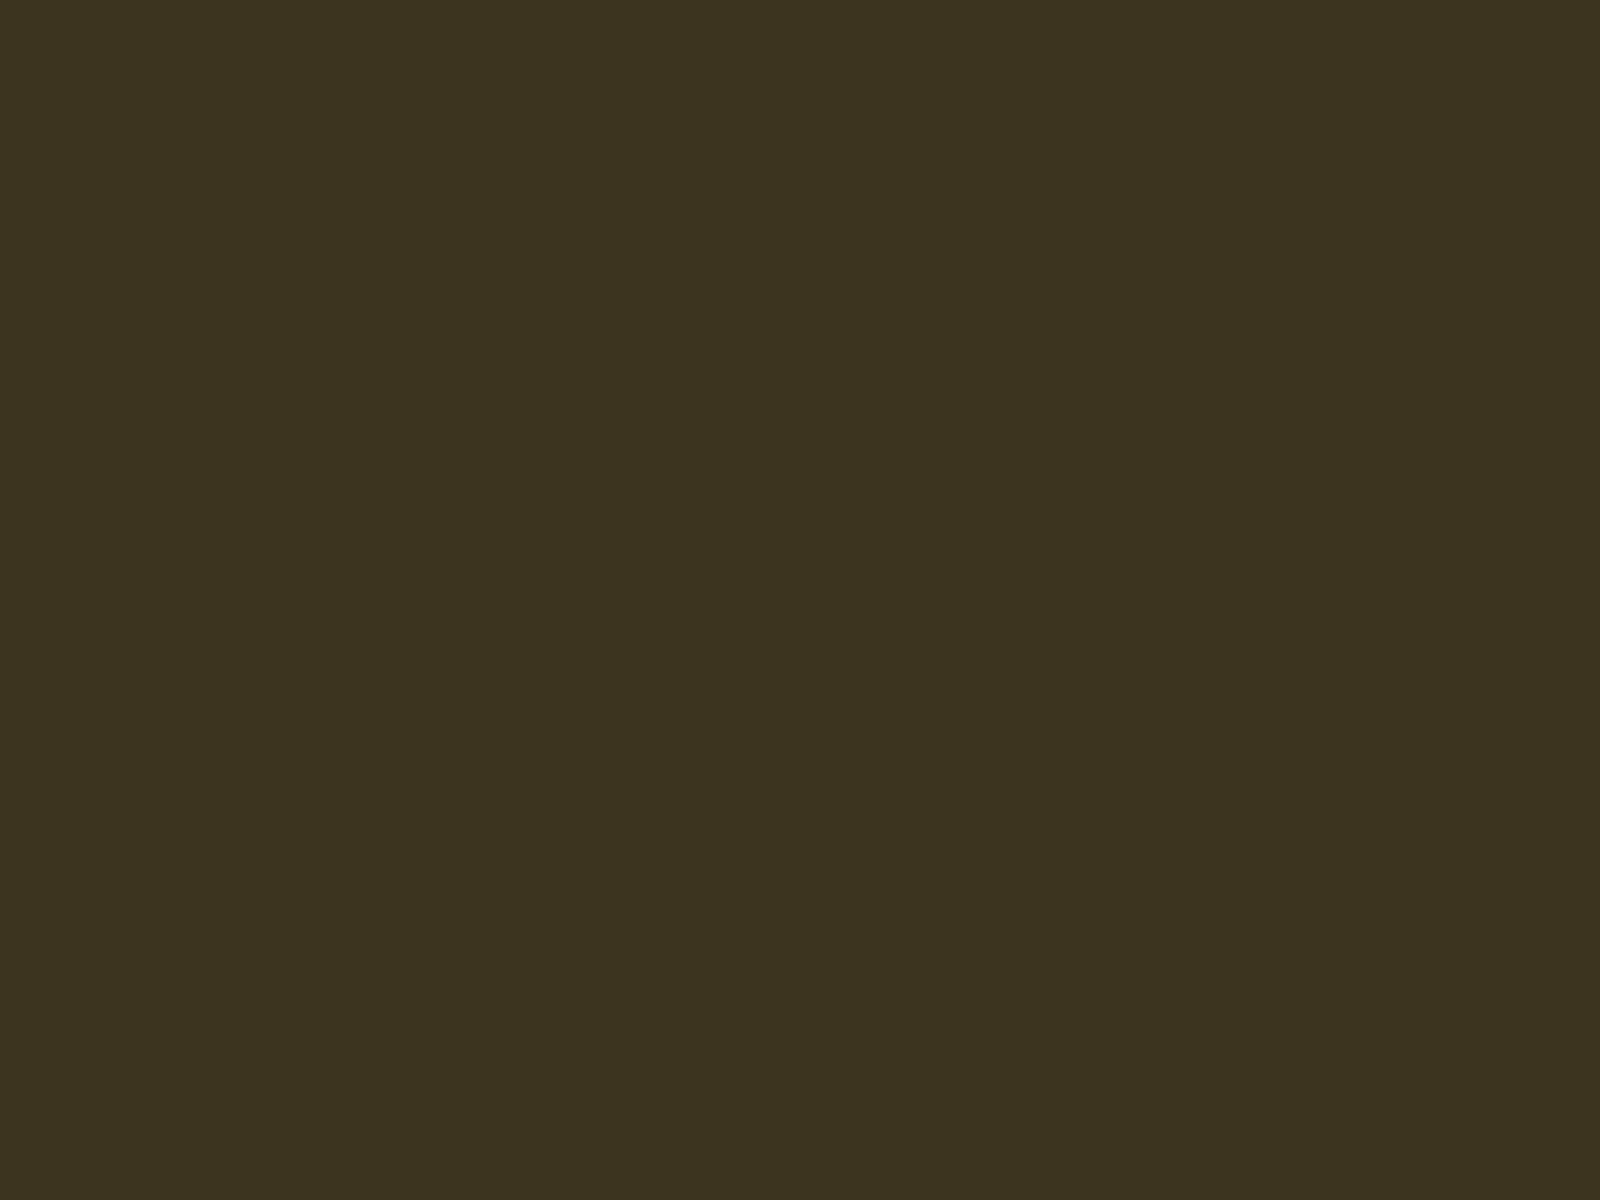 1600x1200 Olive Drab Number Seven Solid Color Background